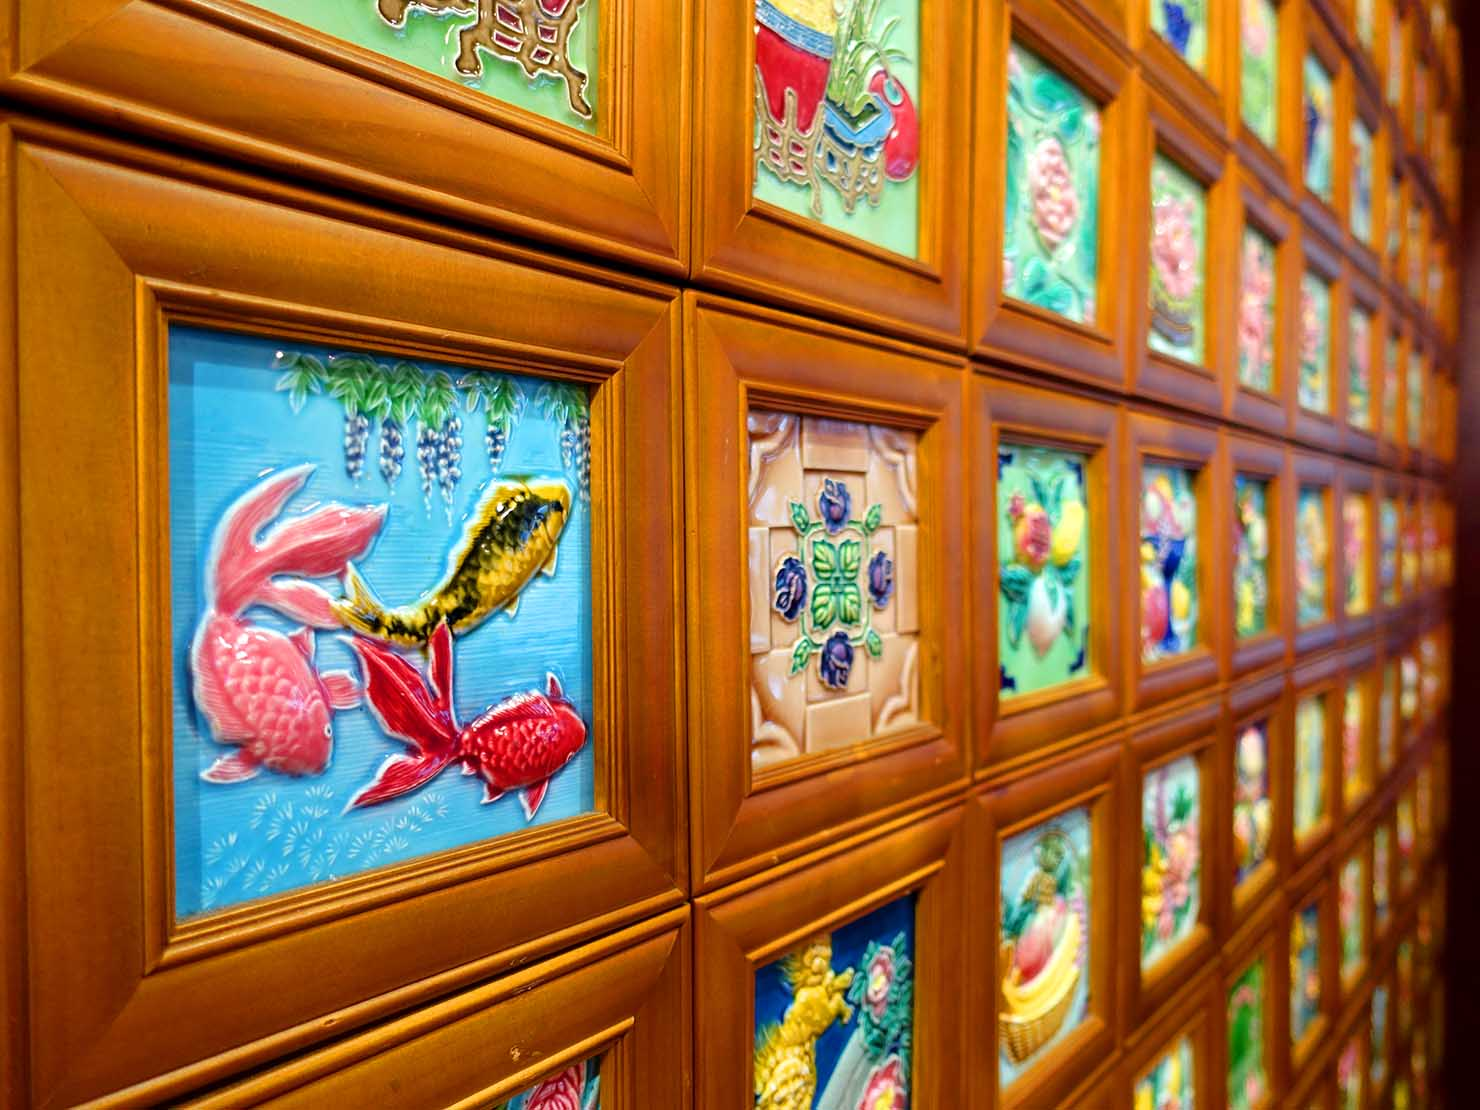 嘉義のおすすめ観光スポット「台灣花磚博物館」に展示された金魚の花磚